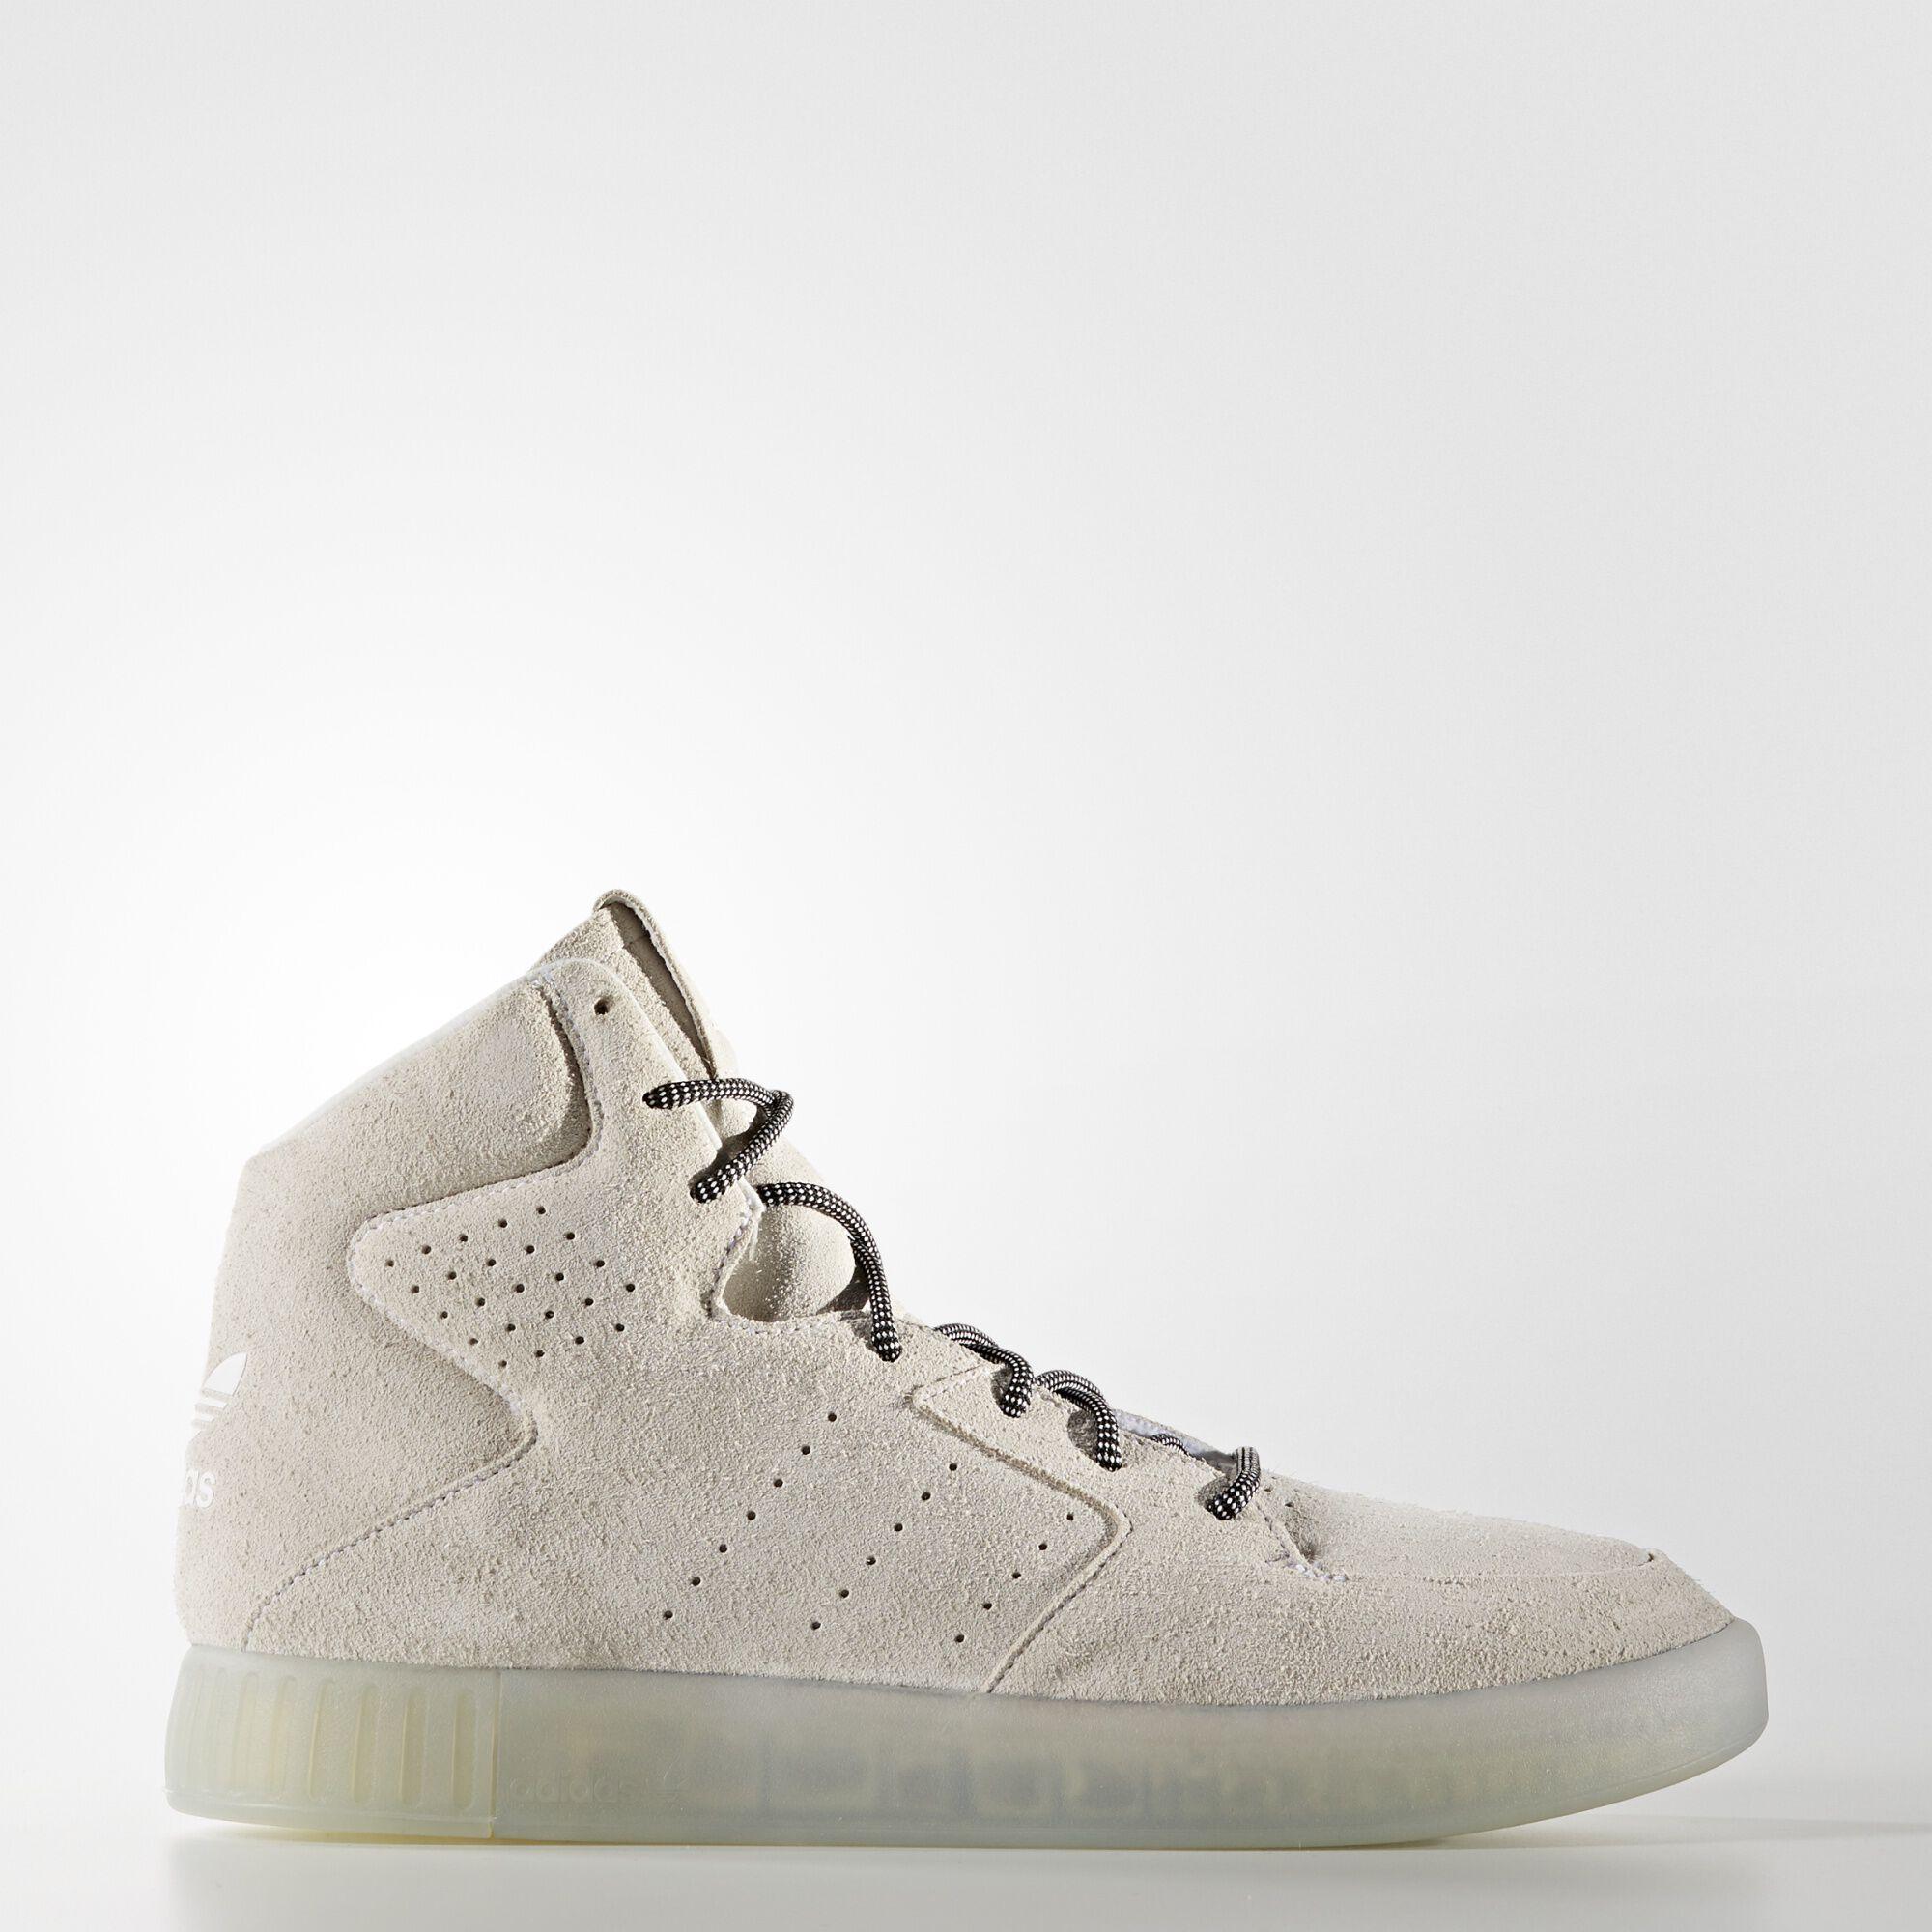 adidas tubular all white